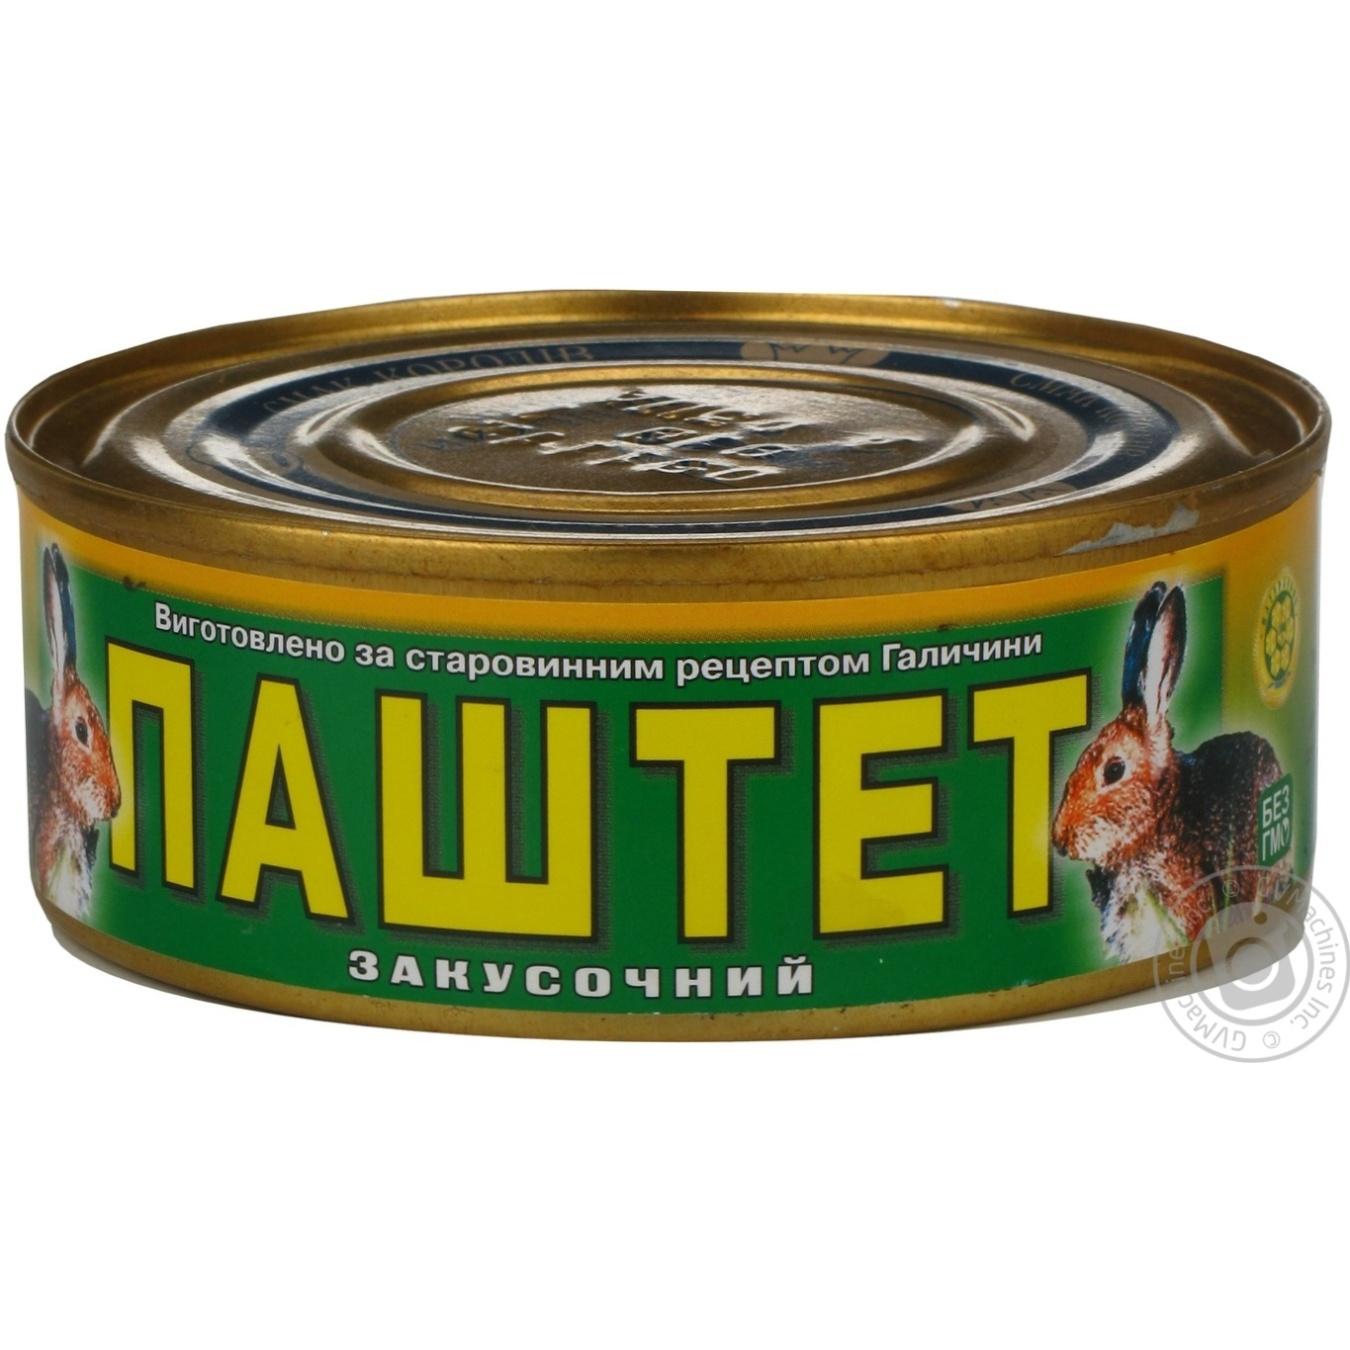 Паштет Галицкий смак Закусочный 250г